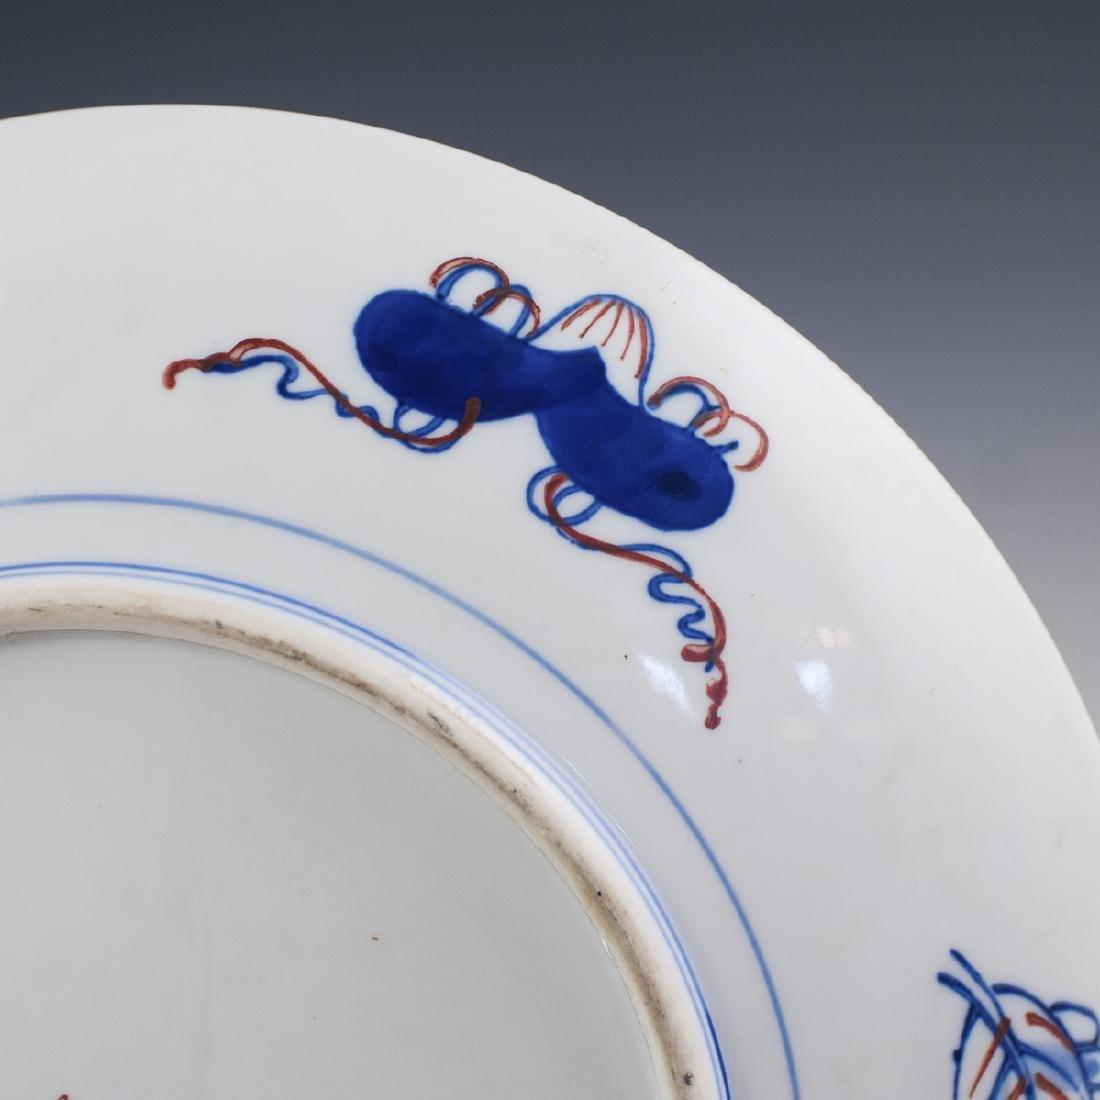 Japanese Imari Enameled Porcelain Charger - 5